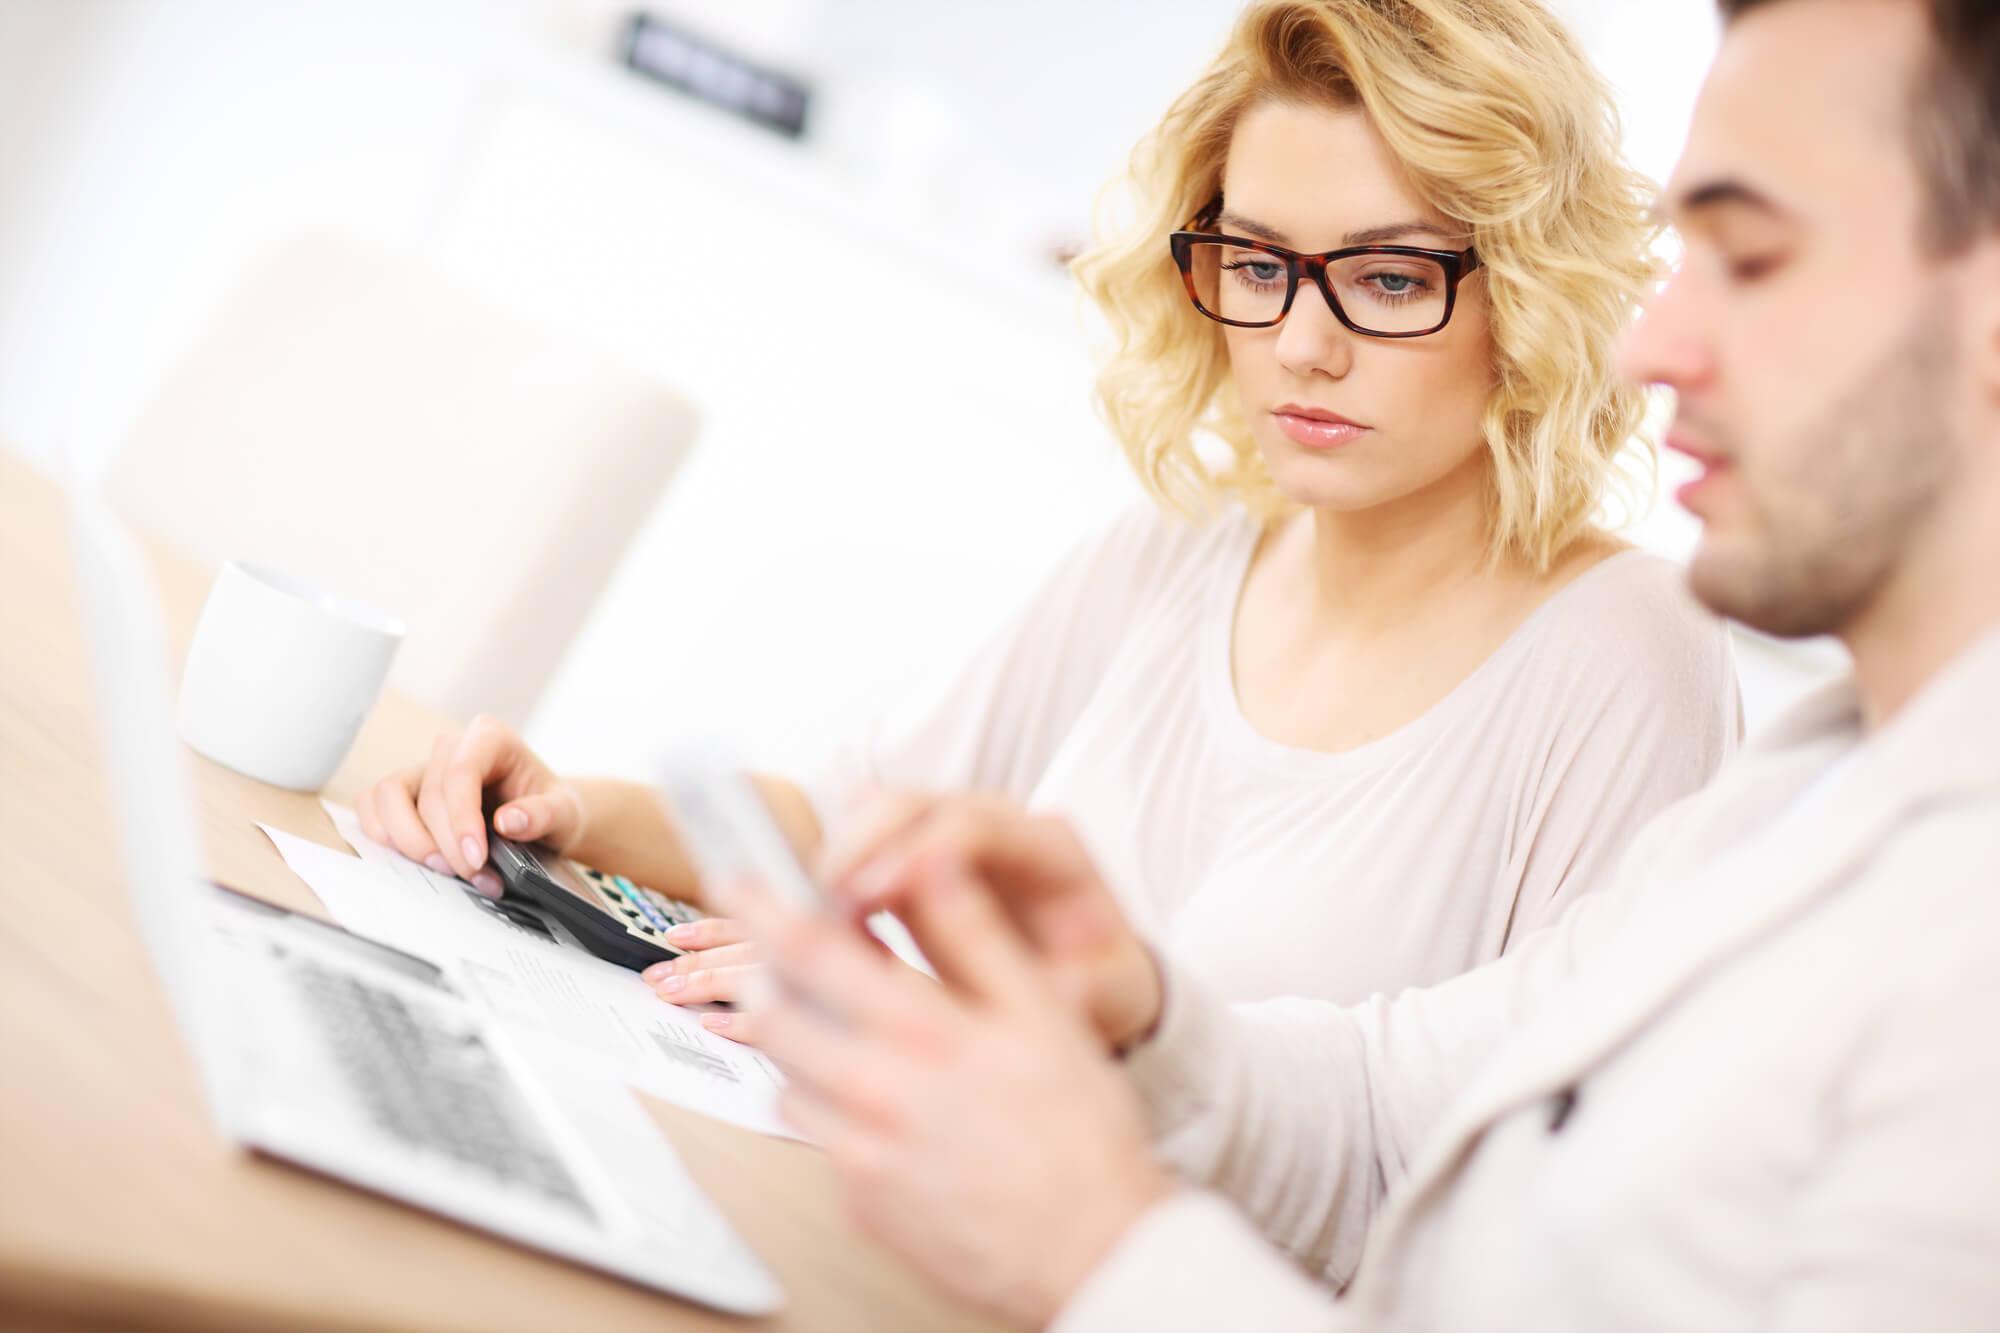 Educação financeira para jovens: 4 coisas que você precisa saber